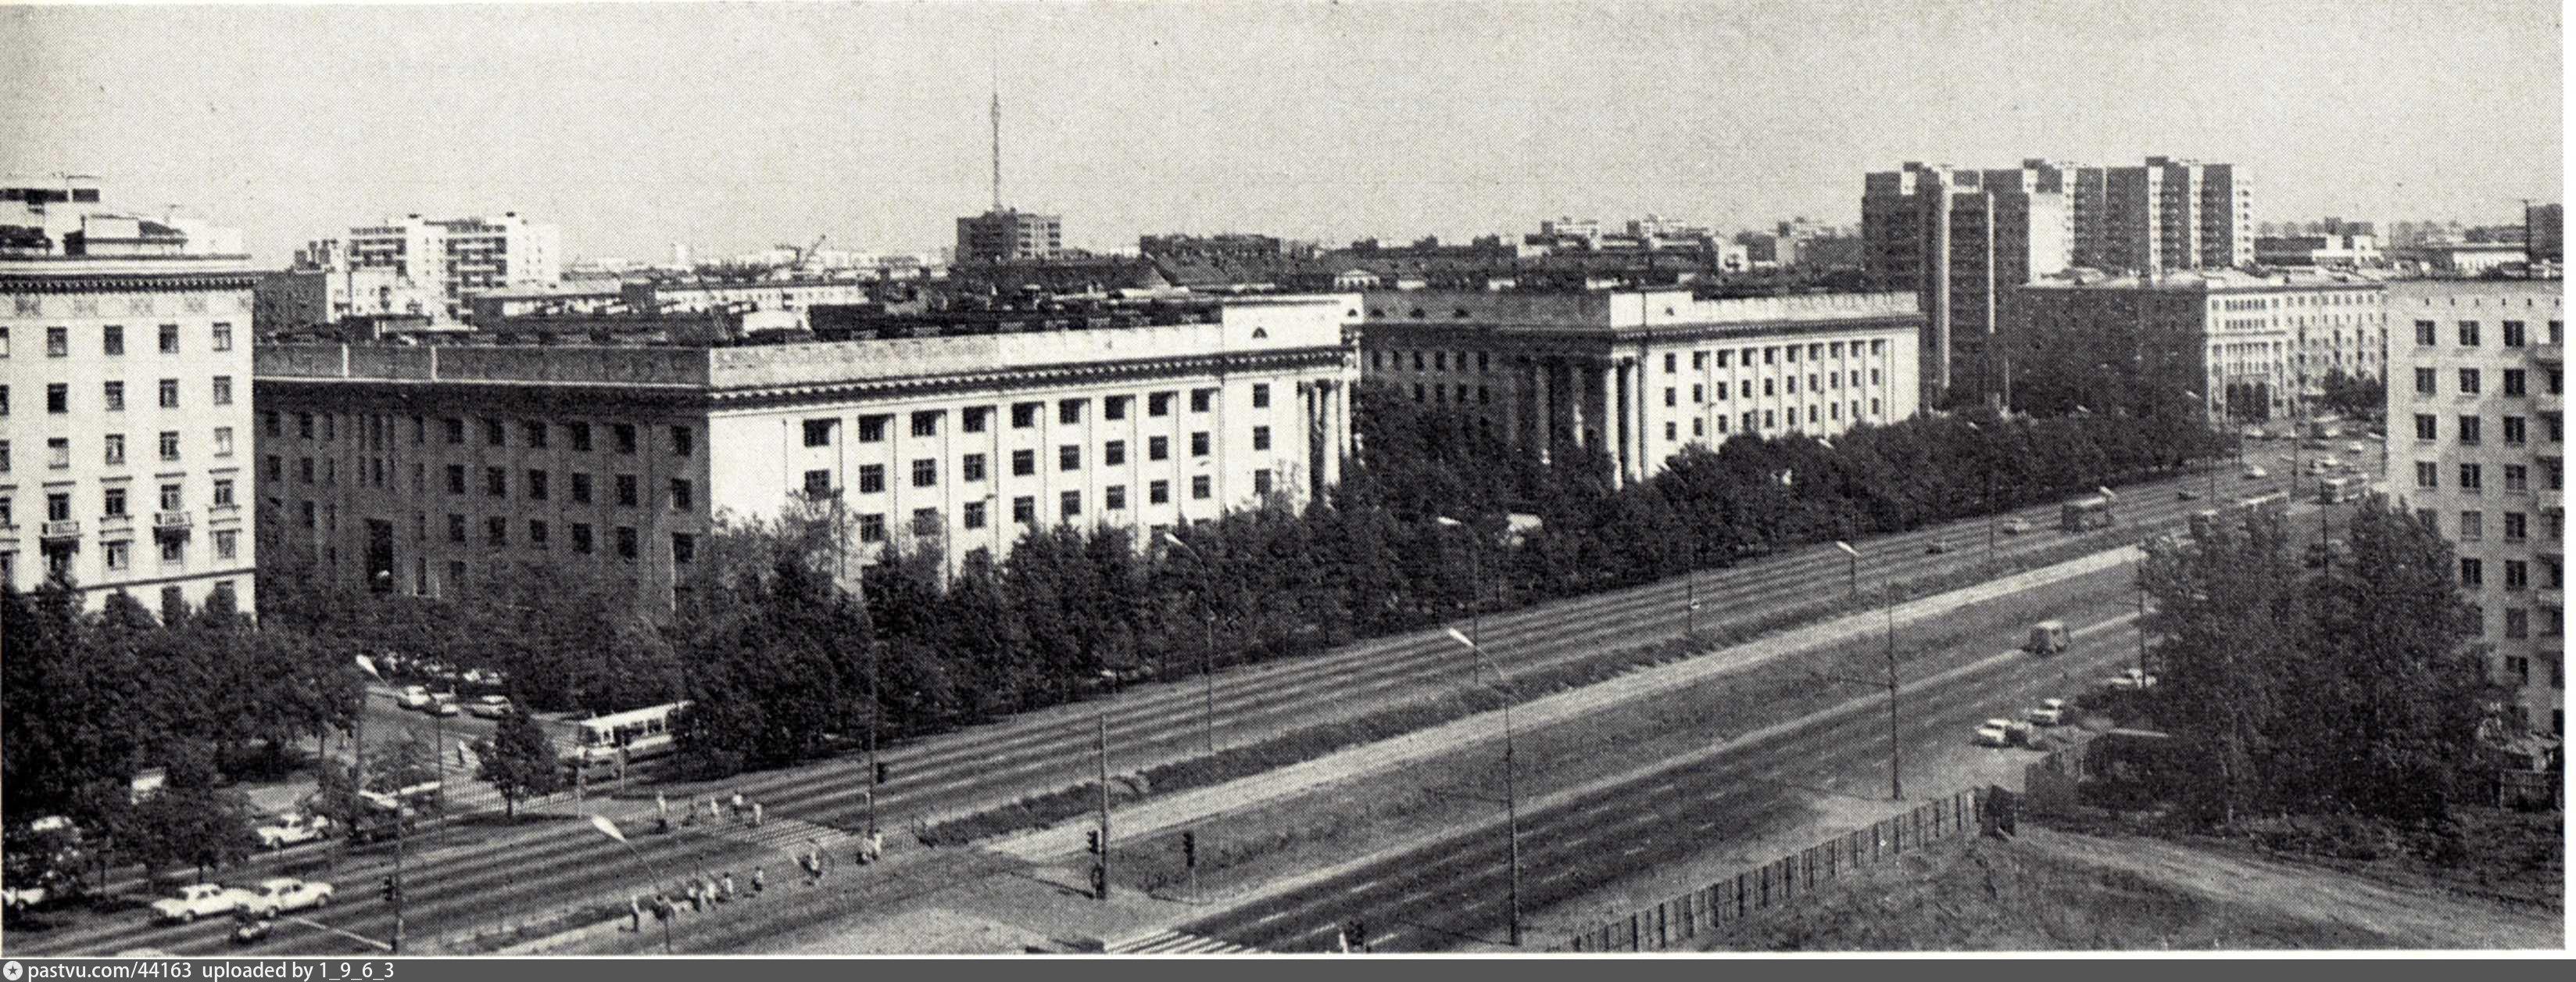 примеру, московский автодорожный институт фотографии все